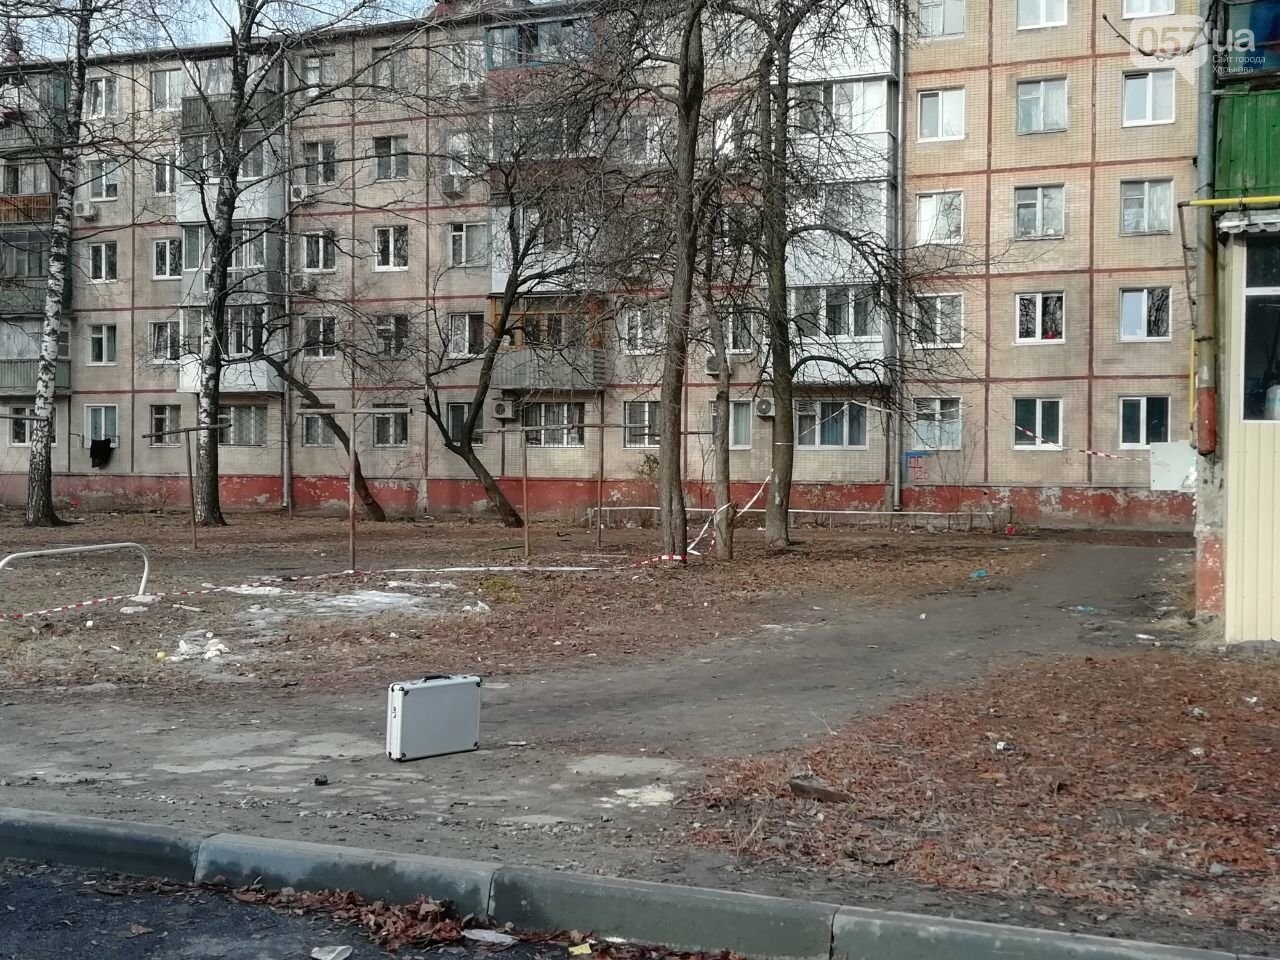 Выстрелы возле дома и неизвестные в масках: что рассказали жители о стрельбе на Московском проспекте, - ФОТО, фото-6